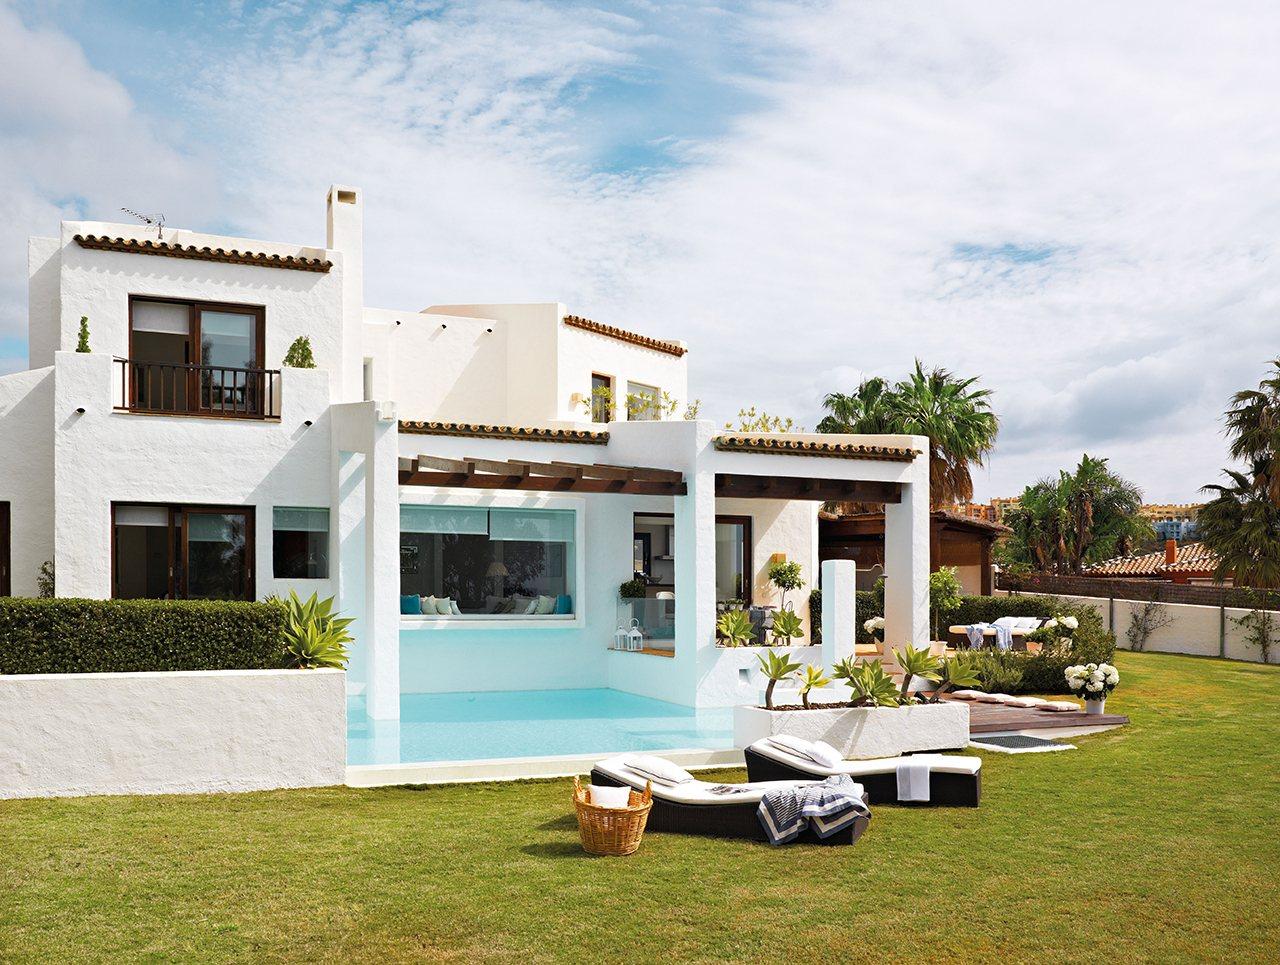 Una casa fresca de esencia andaluza